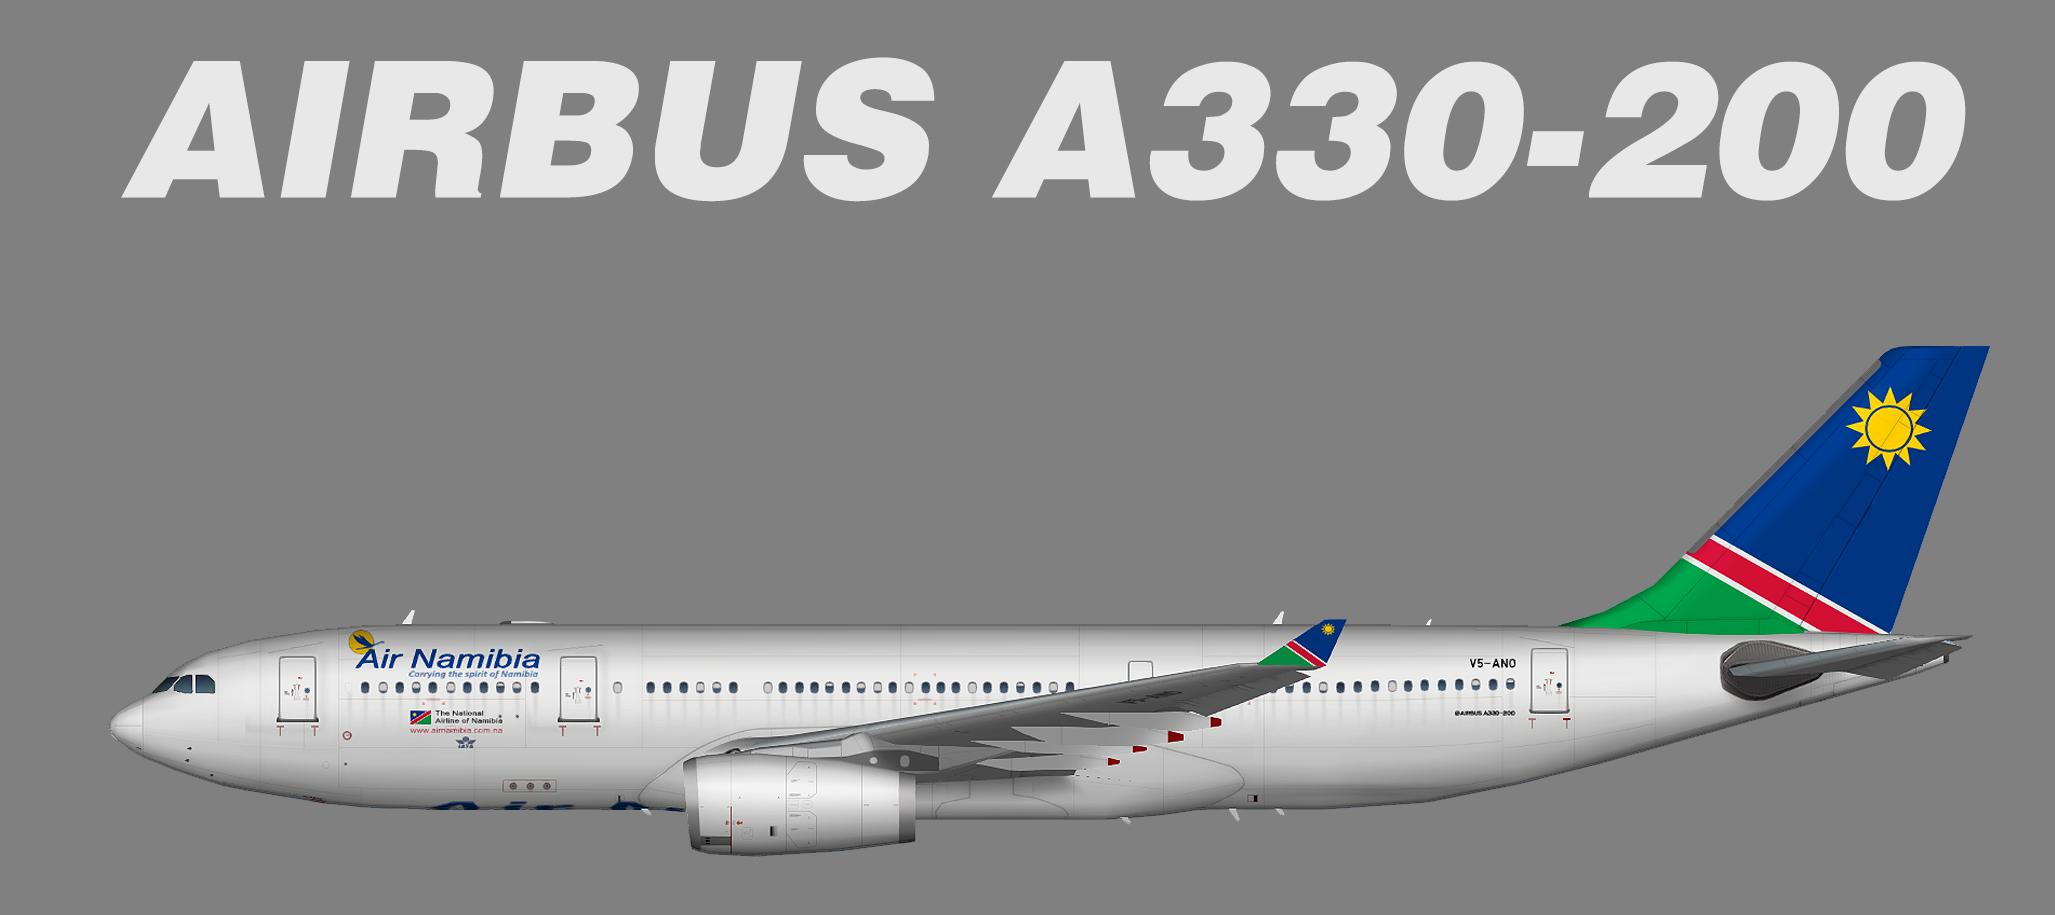 Air Namibia Airbus A330-200